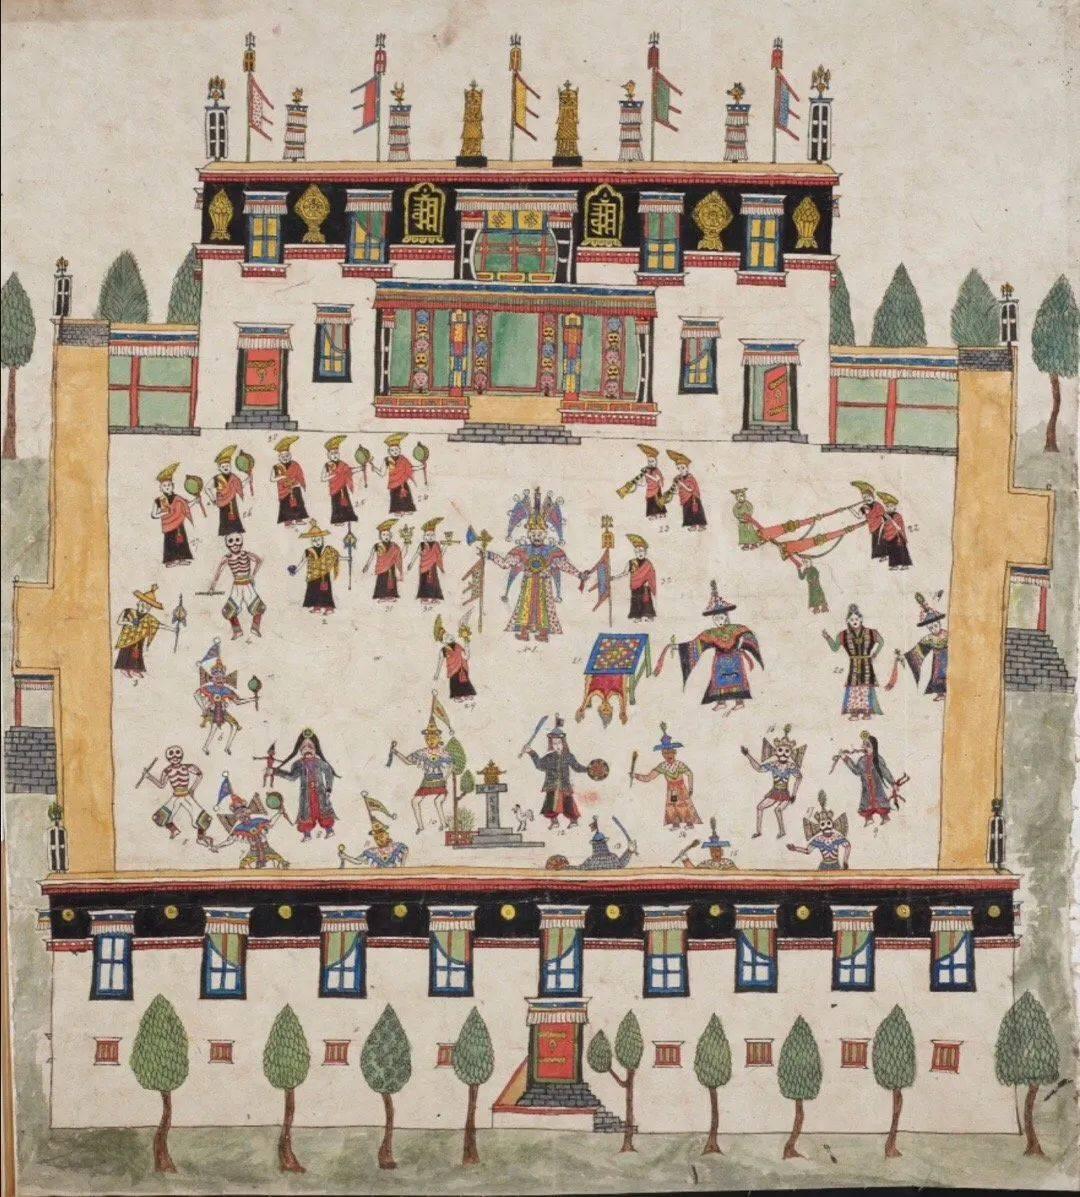 西藏这组神奇的彩绘全景地图,记录了十九世纪的自然地理人文民俗